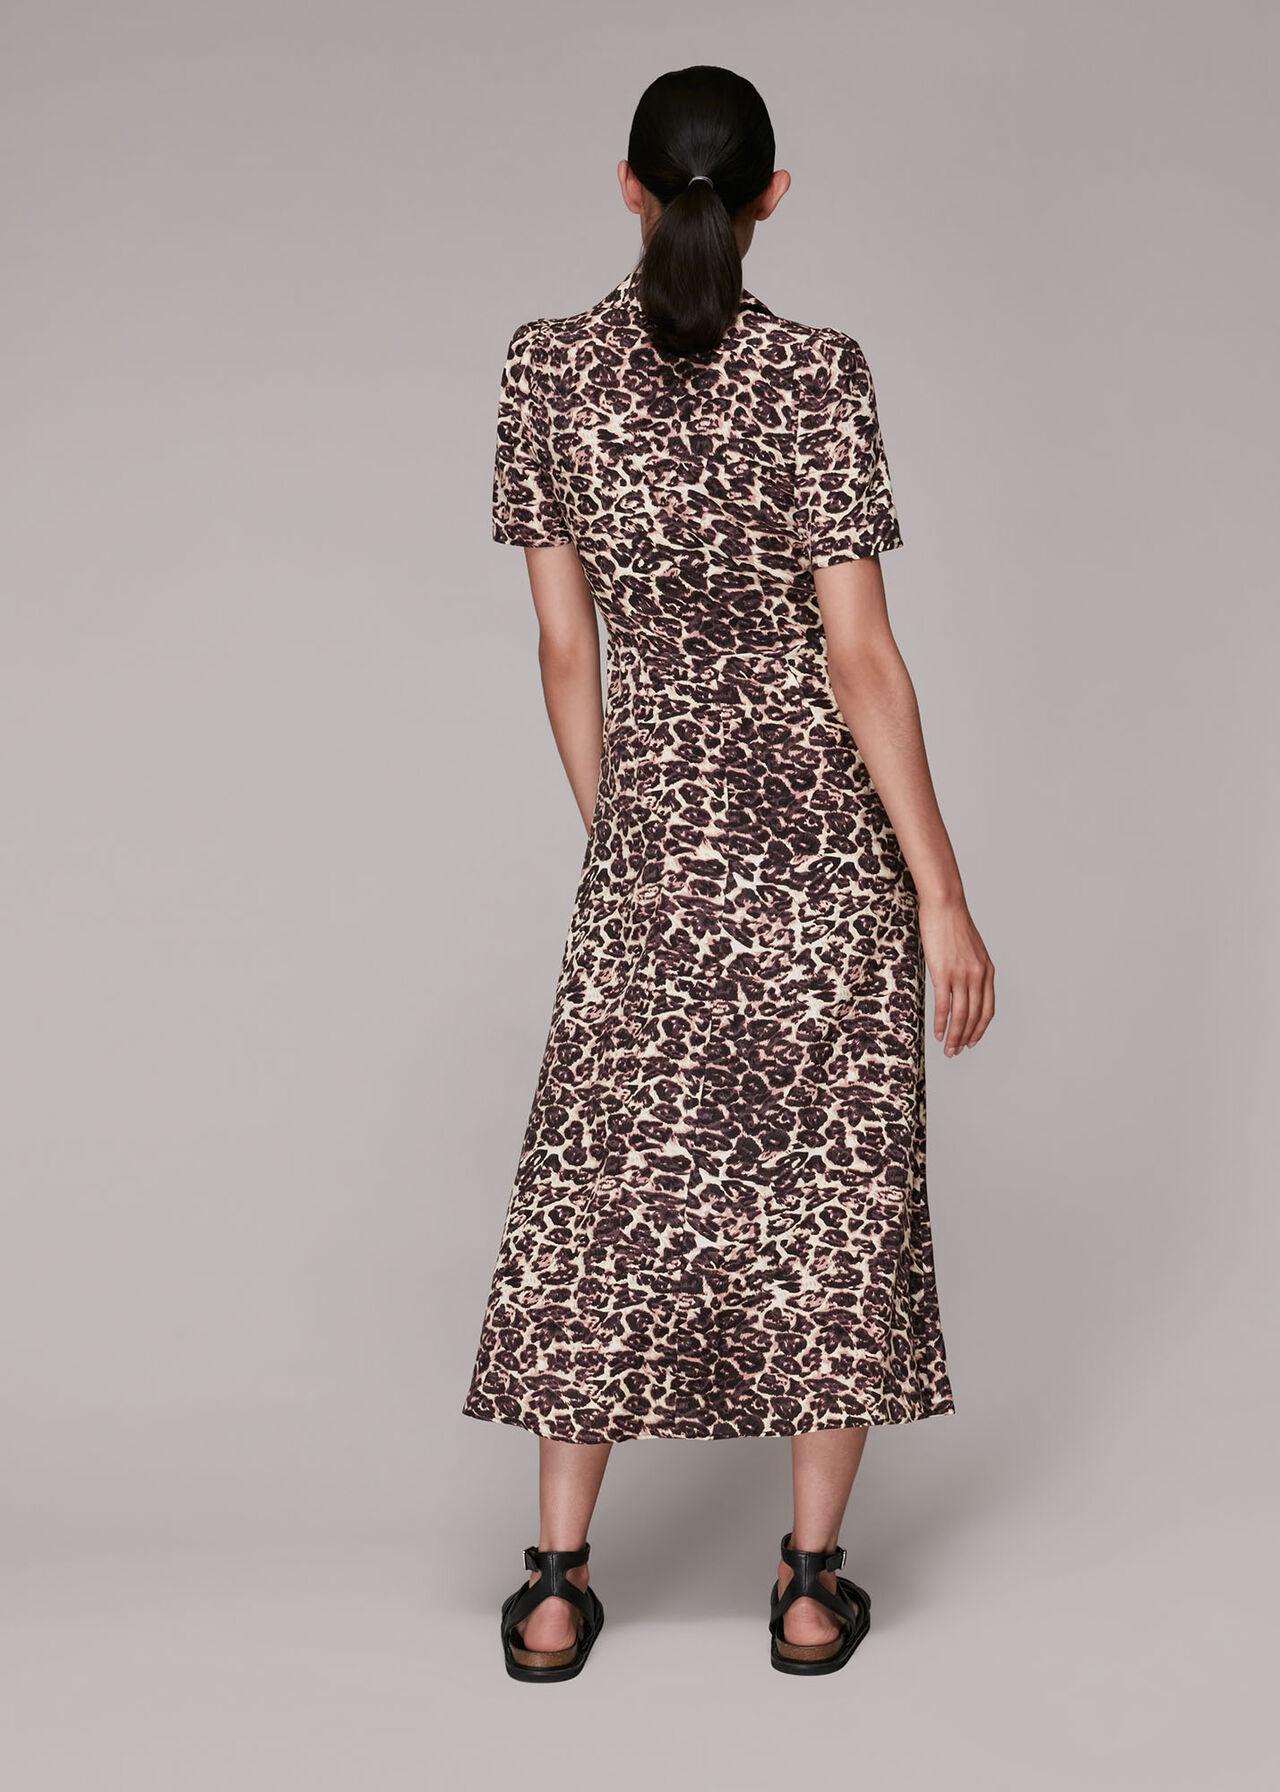 Rowan Clouded Leopard Dress